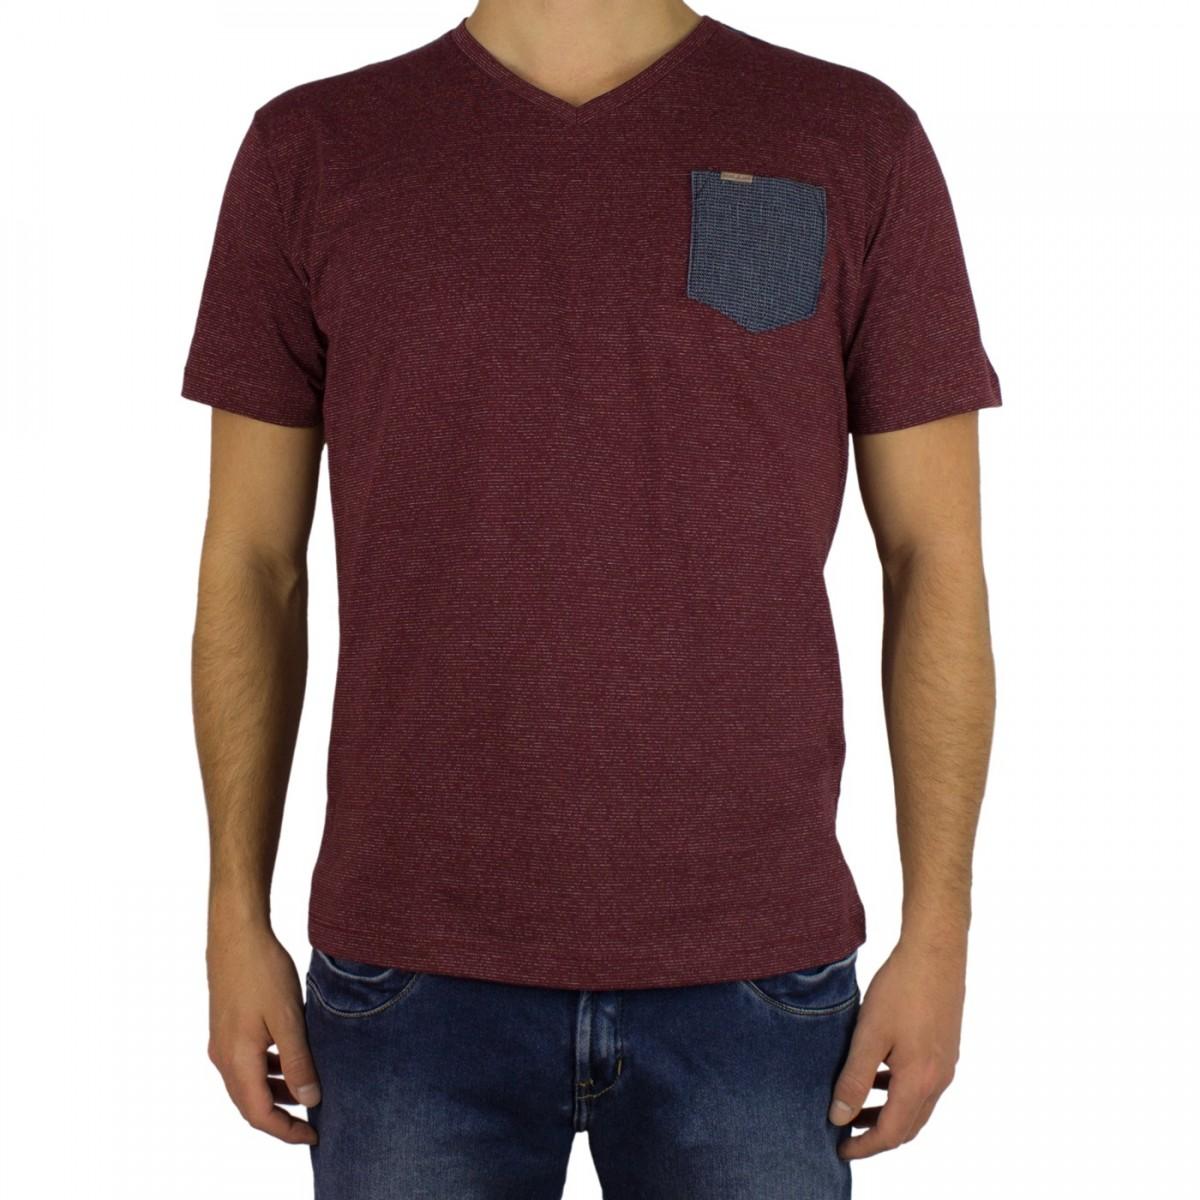 ddd98bbab Bizz Store - Camiseta Masculina Dixie Gola V Bordô Preta